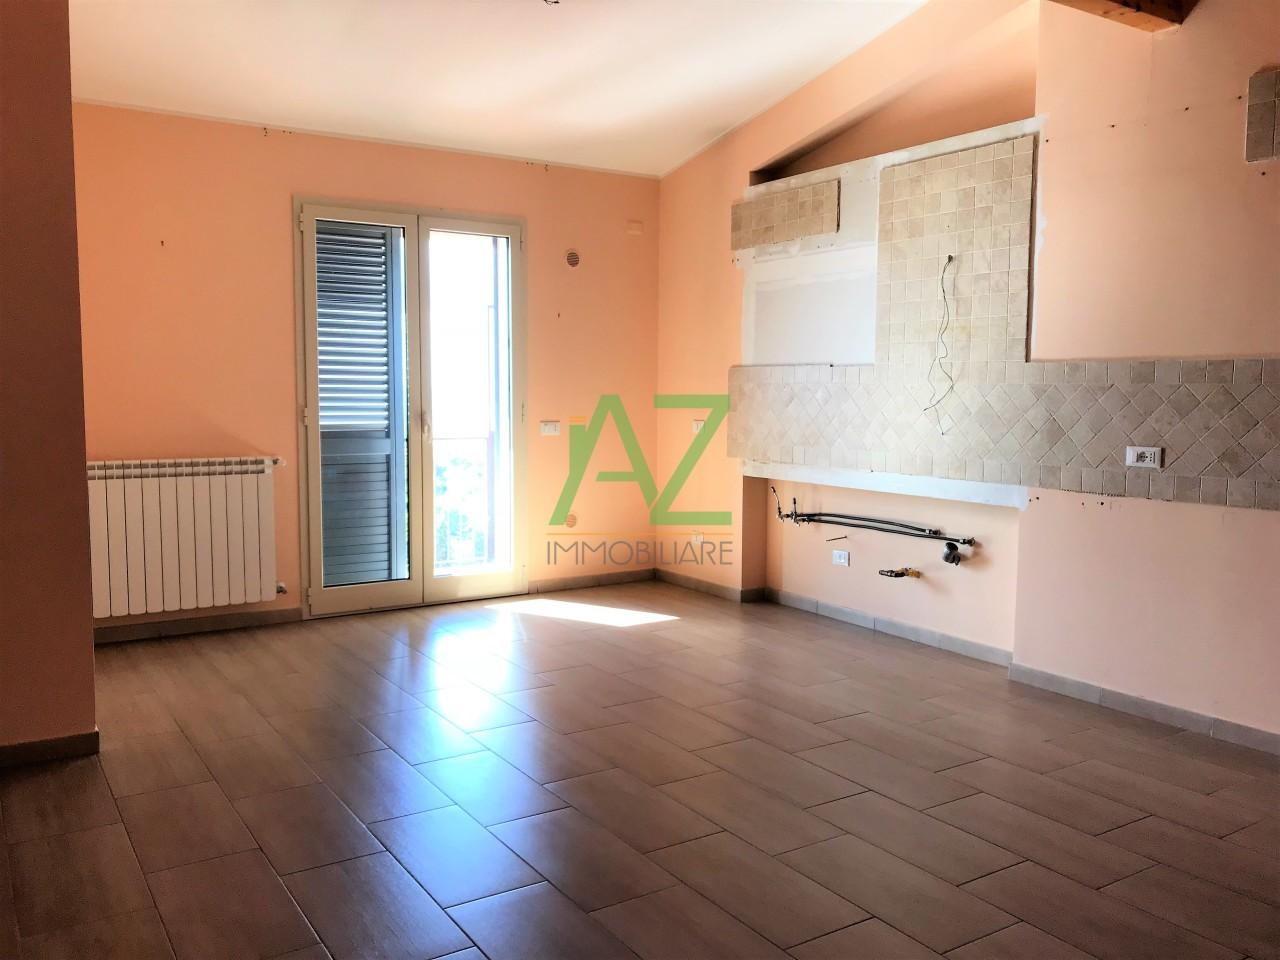 vendita appartamento belpasso   120000 euro  3 locali  85 mq